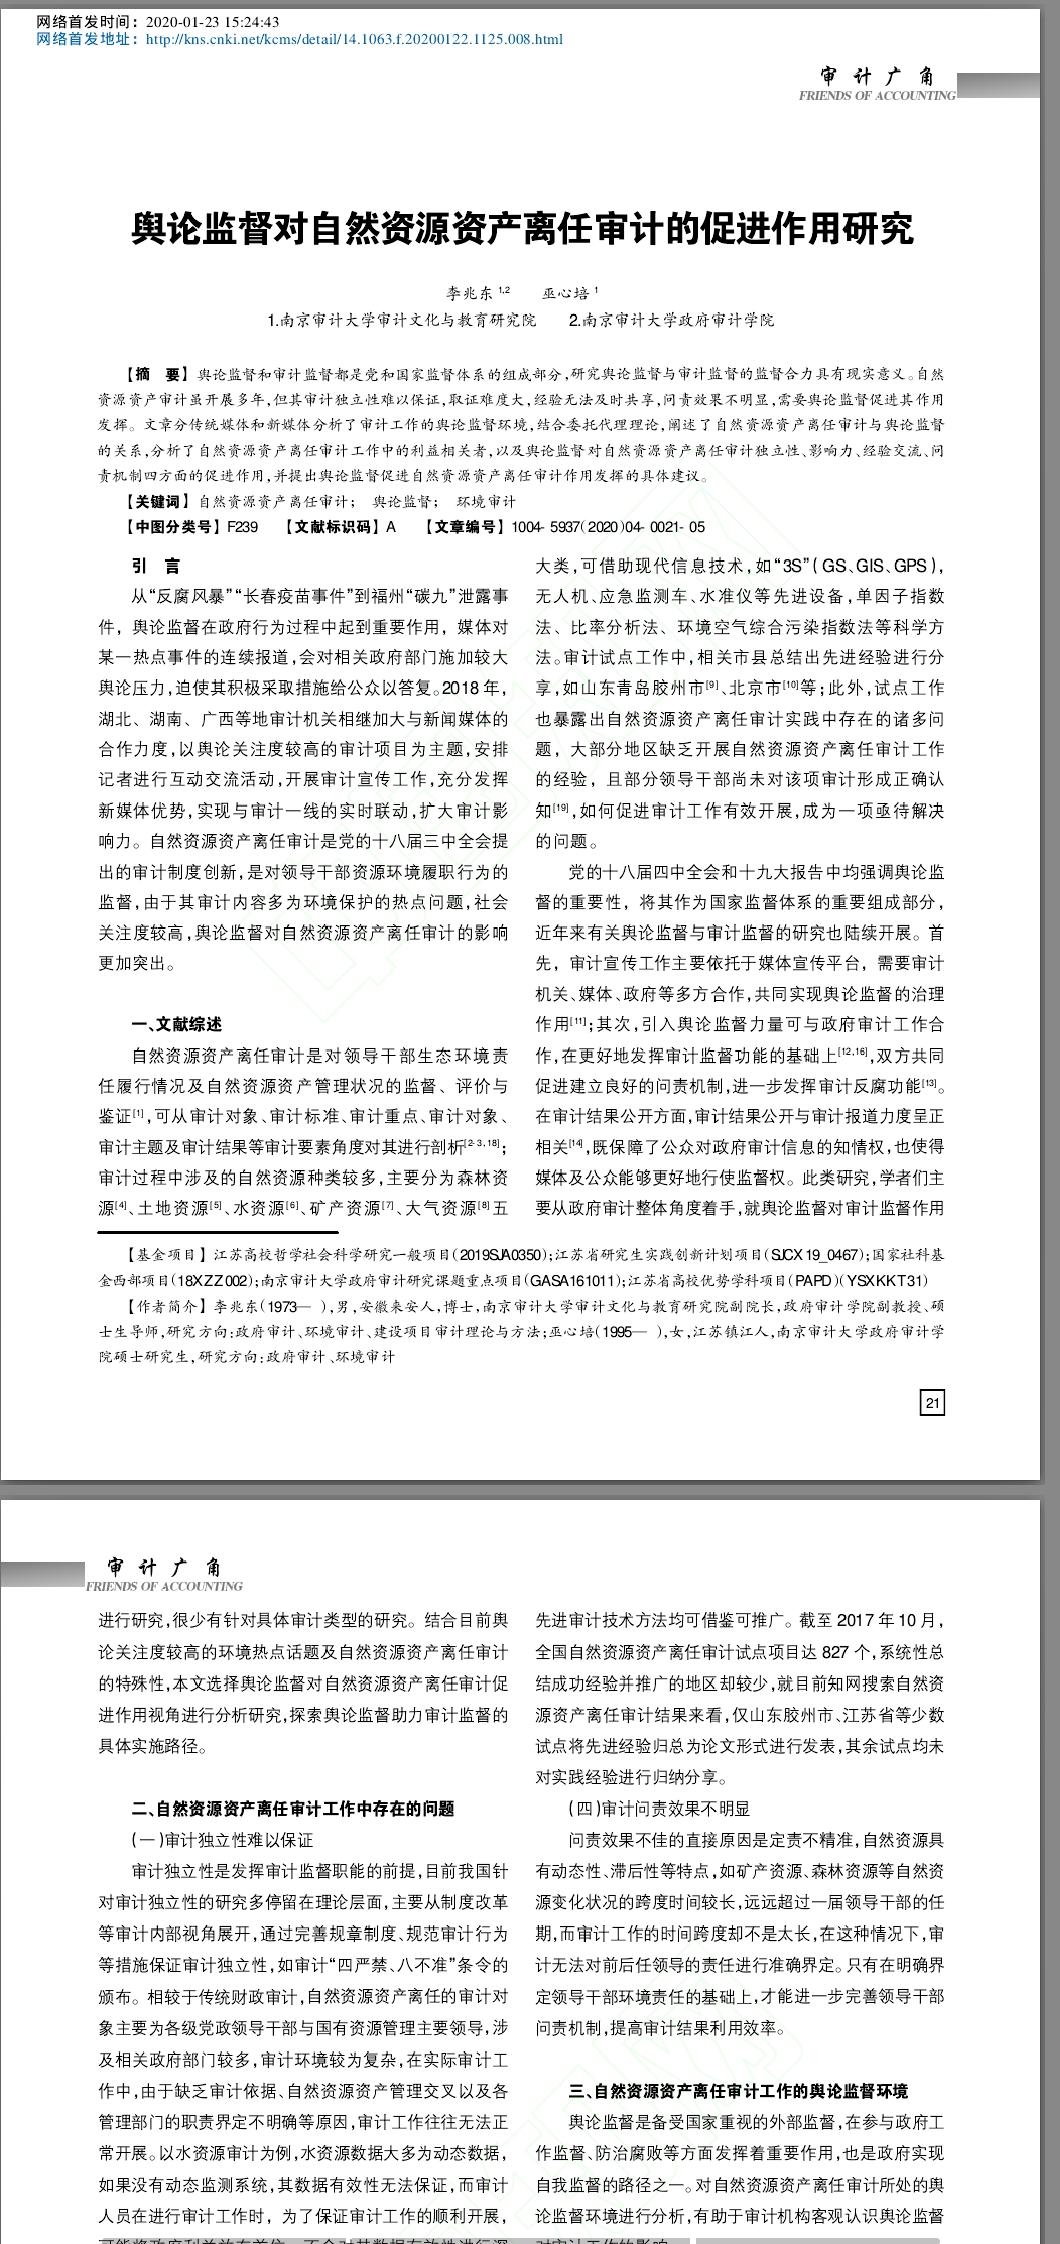 中州期刊聯盟.png